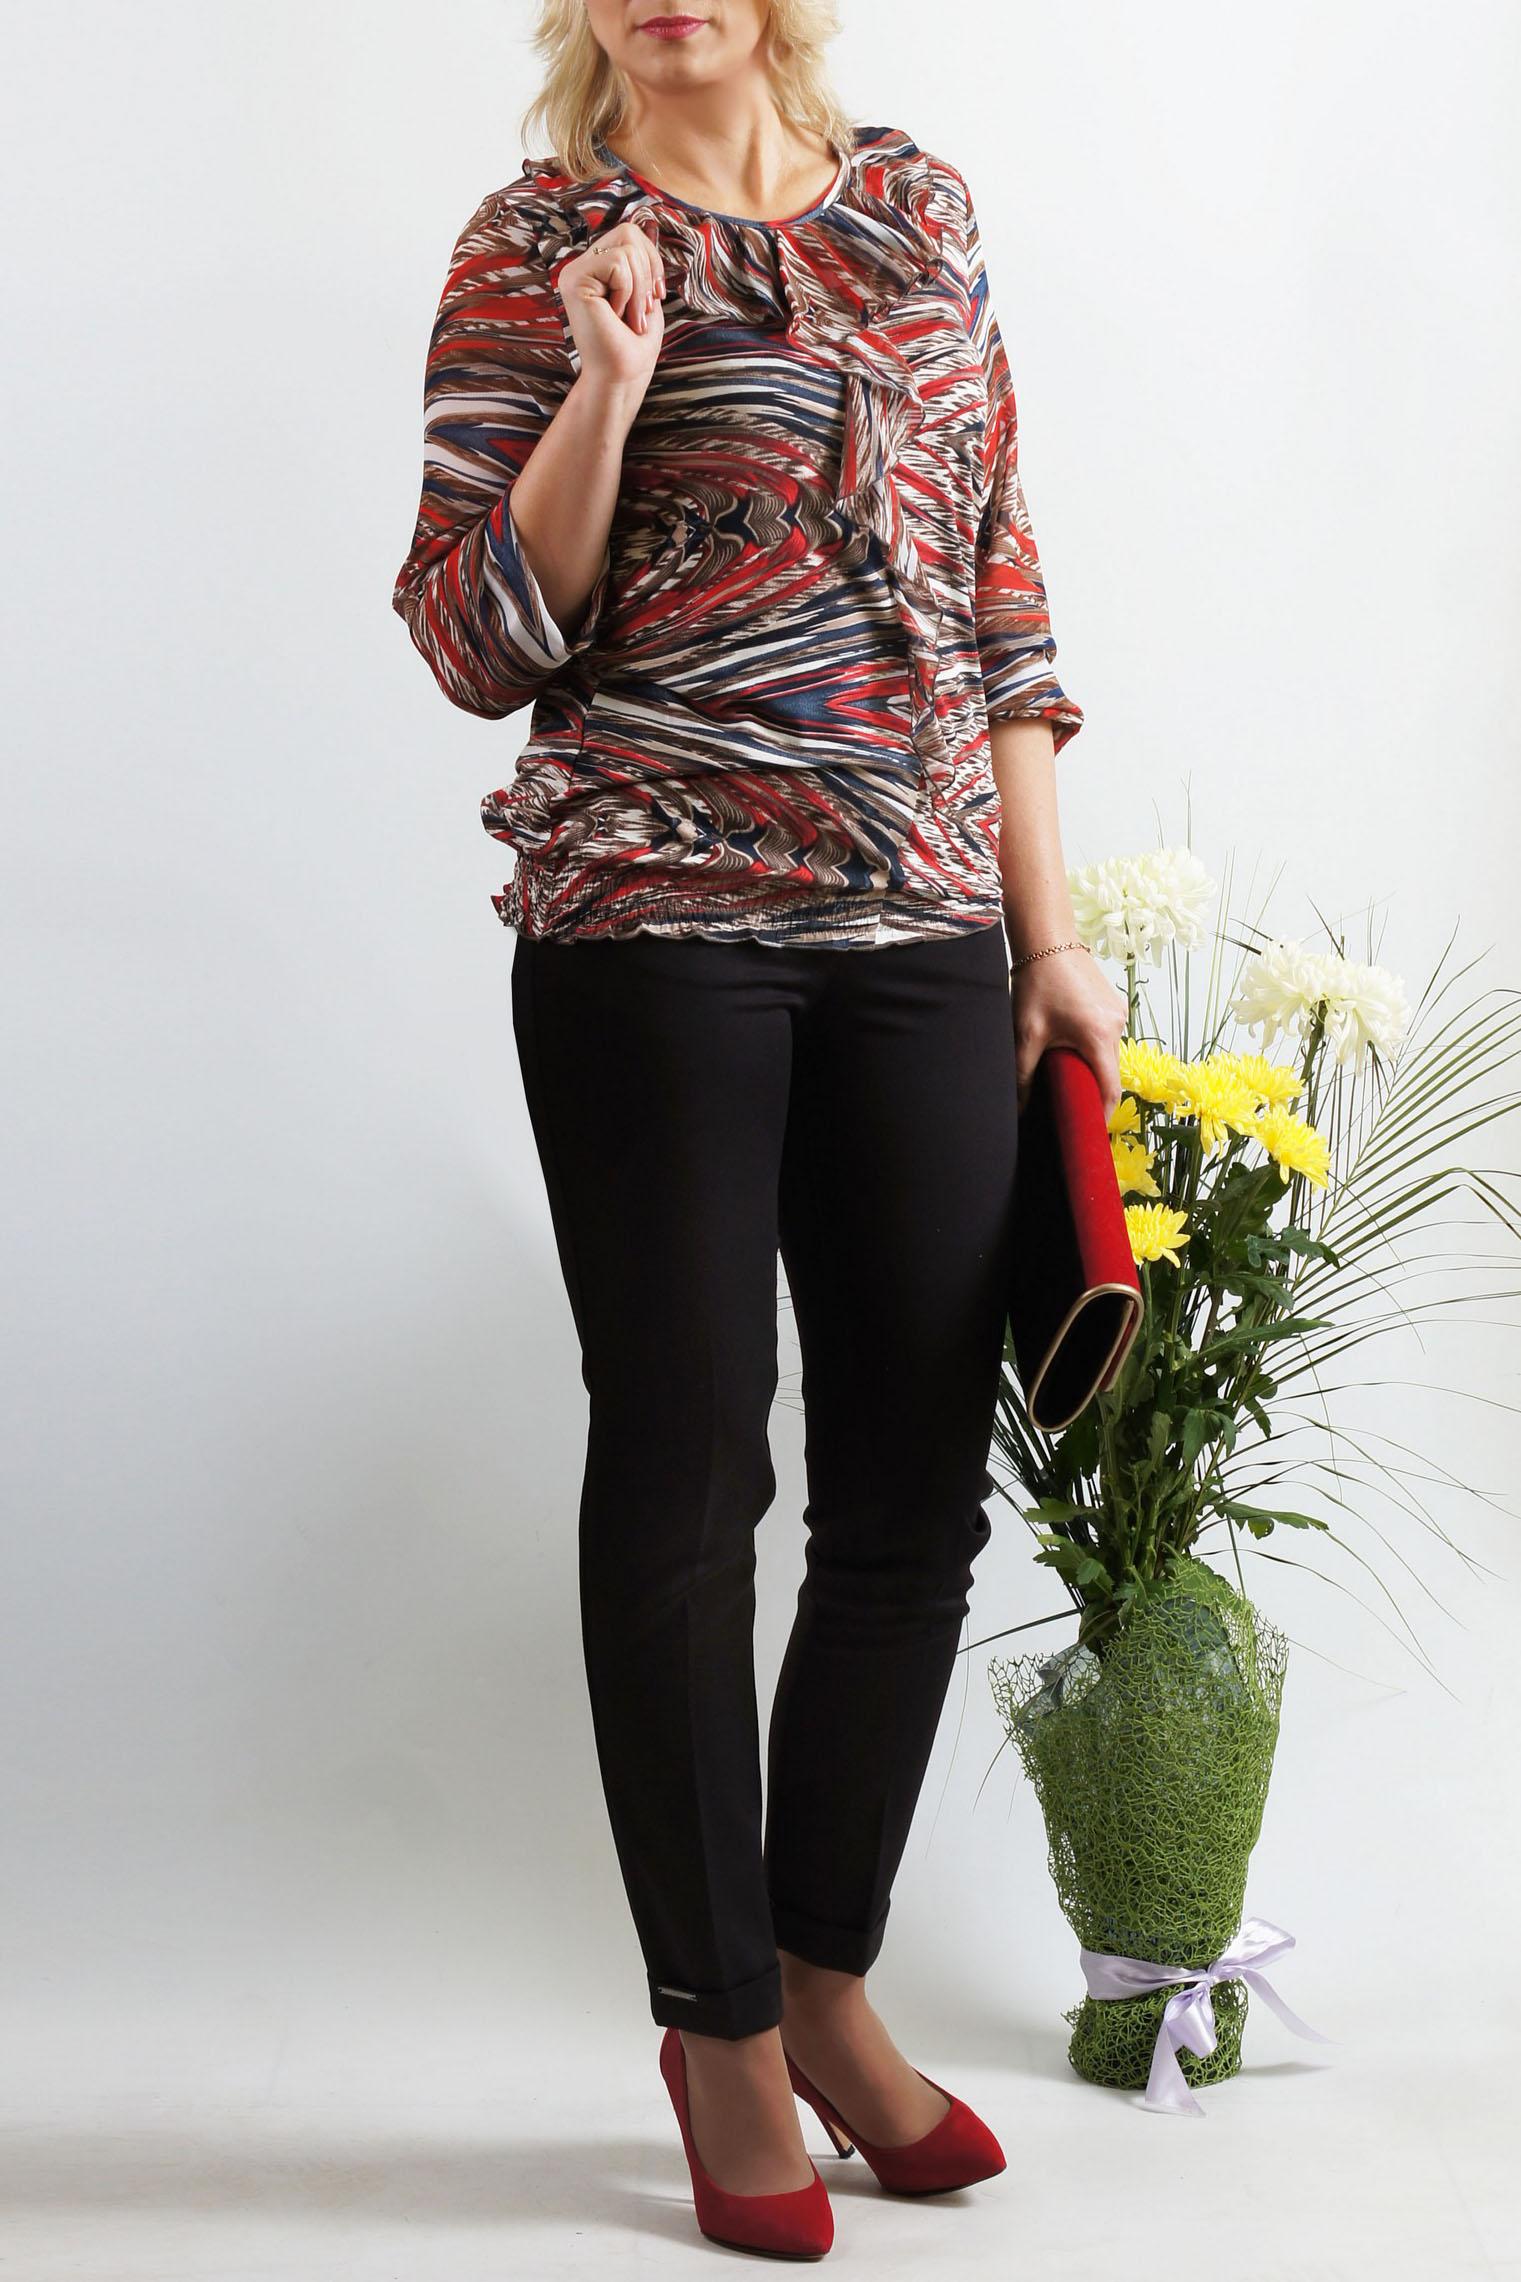 БлузкаБлузки<br>Нарядная блузка полуприталенного силуэта. Модель выполнена из приятного трикотажа и шифона. Отличный выбор для повседневного гардероба.  Длина изделия около 69 см.  В изделии использованы цвета: красный, бежевый, синий и др.  Параметры размеров: 42 размер - обхват груди 84 см., обхват талии 64 см., обхват бедер 92 см. 44 размер - обхват груди 88 см., обхват талии 68 см., обхват бедер 96 см. 46 размер - обхват груди 92 см., обхват талии 72 см., обхват бедер 100 см. 48 размер - обхват груди 96 см., обхват талии 76 см., обхват бедер 104 см. 50 размер - обхват груди 100 см., обхват талии 80 см., обхват бедер 108 см. 52 размер - обхват груди 104 см., обхват талии 85 см., обхват бедер 112 см. 54 размер - обхват груди 108 см., обхват талии 89 см., обхват бедер 116 см. 56 размер - обхват груди 112 см., обхват талии 94 см., обхват бедер 120 см. 58 размер - обхват груди 116 см., обхват талии 100 см., обхват бедер 124 см.  Ростовка изделия 167-173 см.<br><br>Горловина: С- горловина<br>По материалу: Вискоза,Трикотаж,Шифон<br>По рисунку: С принтом,Цветные<br>По сезону: Весна,Зима,Лето,Осень,Всесезон<br>По силуэту: Полуприталенные<br>По стилю: Повседневный стиль<br>По элементам: С воланами и рюшами<br>Рукав: Рукав три четверти<br>Размер : 48,50,52,54,56,58<br>Материал: Вискоза + Шифон<br>Количество в наличии: 6